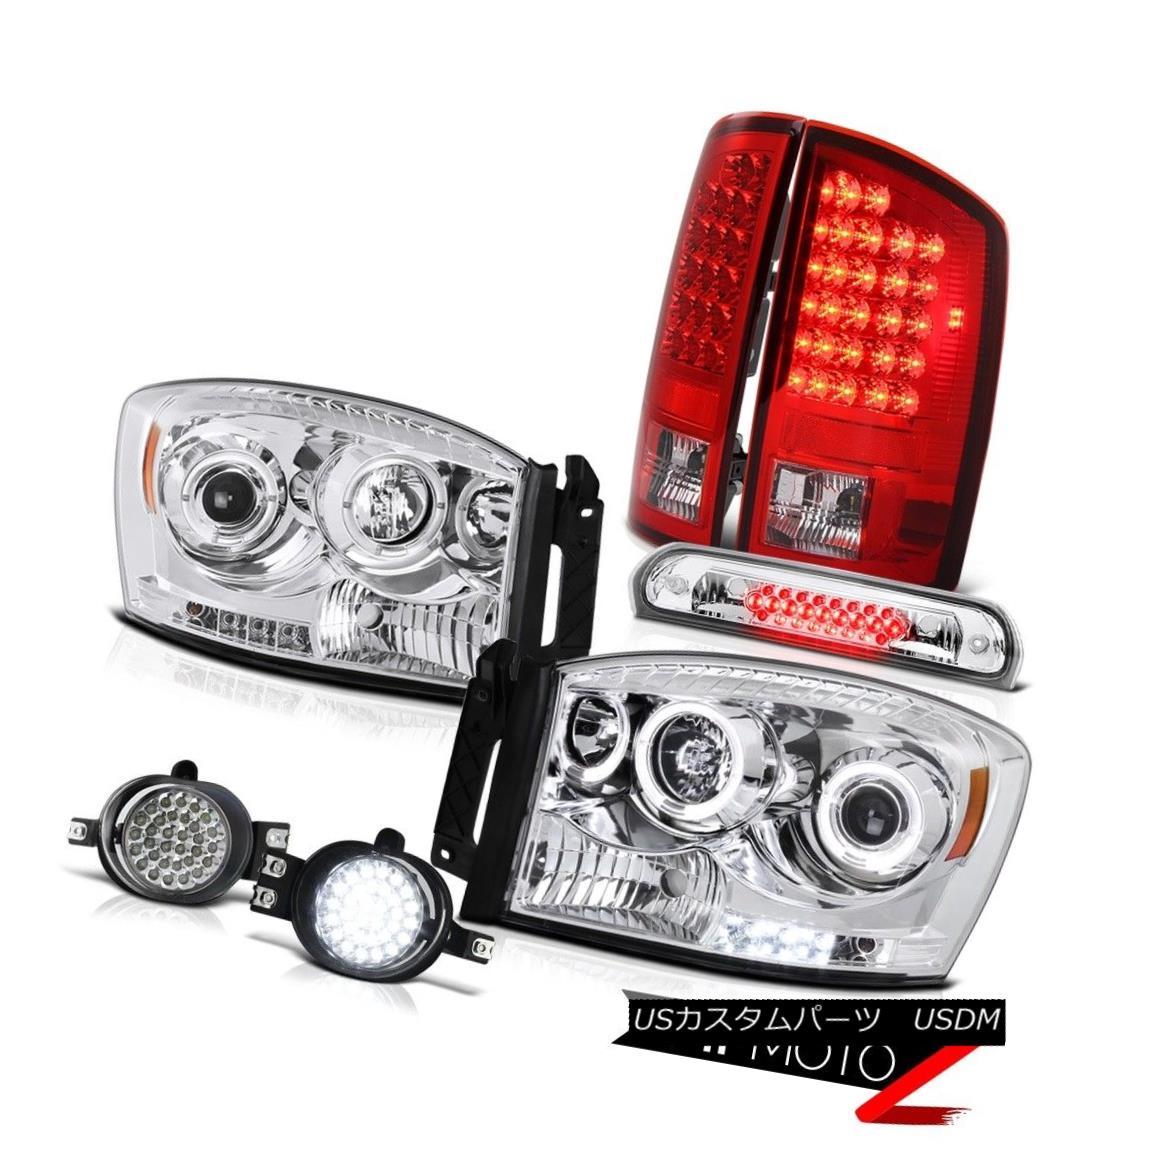 テールライト Angel Eye Projector Brake Light LED SMD Fog High Cargo 2006 Dodge Ram エンジェルアイプロジェクターブレーキライトLED SMDフォグハイカーゴ2006ドッジラム